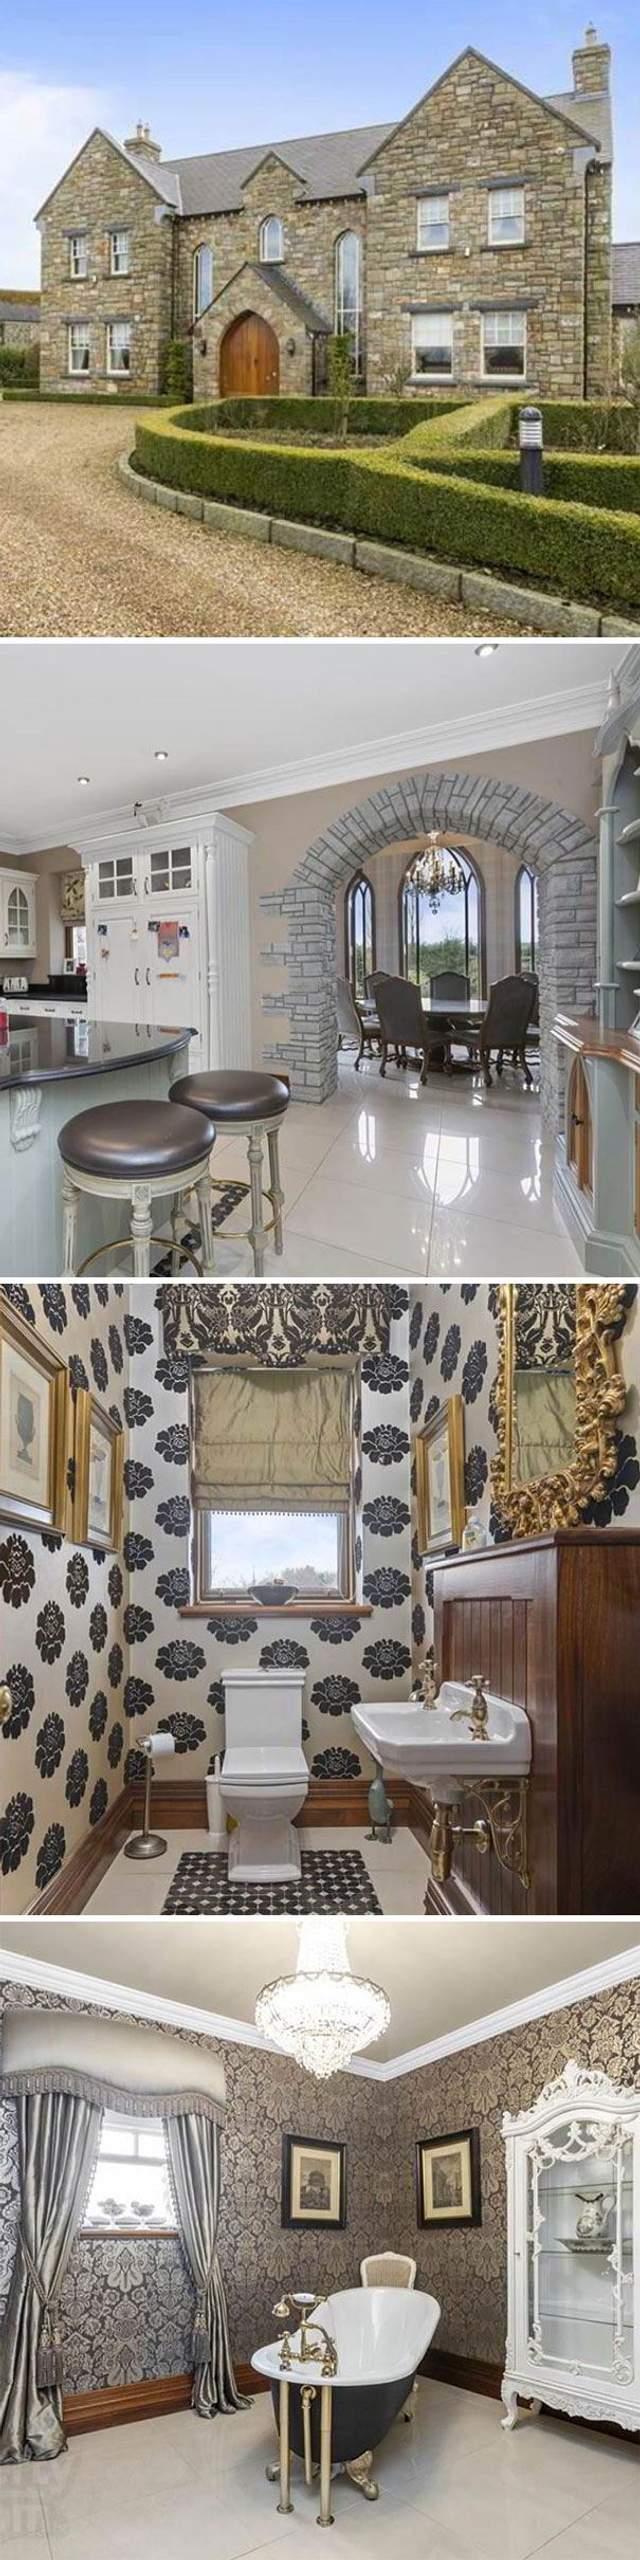 В доме все оформлено стиле современной